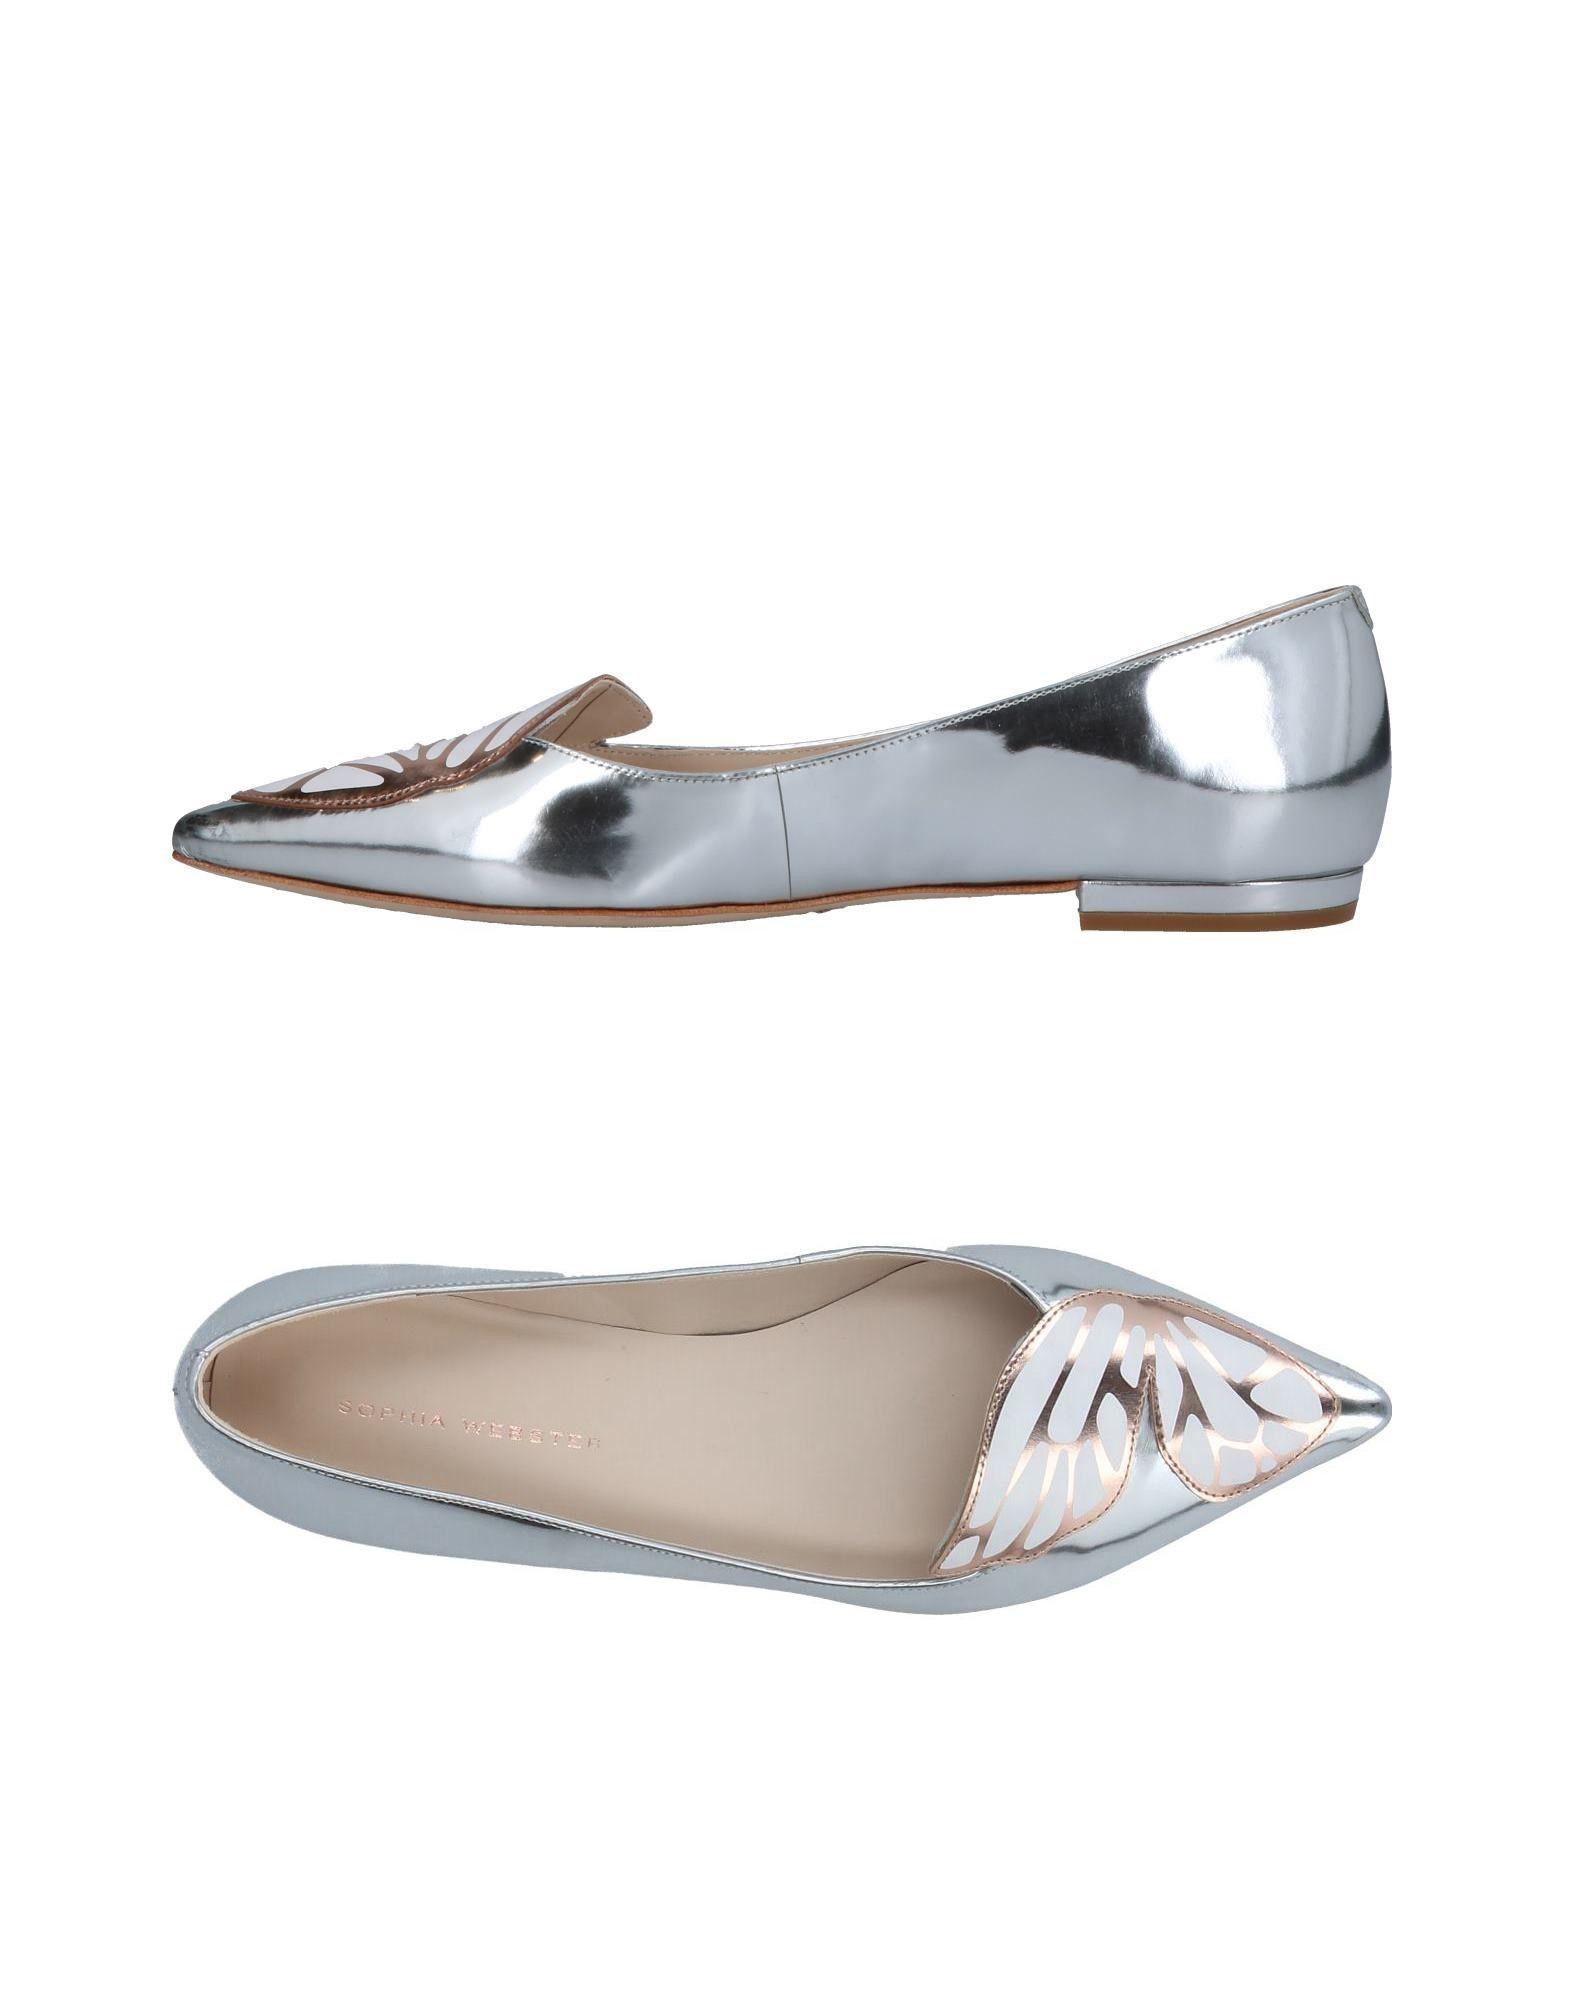 Sophia Webster Ballerinas Damen Damen Damen  11405943AUGut aussehende strapazierfähige Schuhe 4567ff